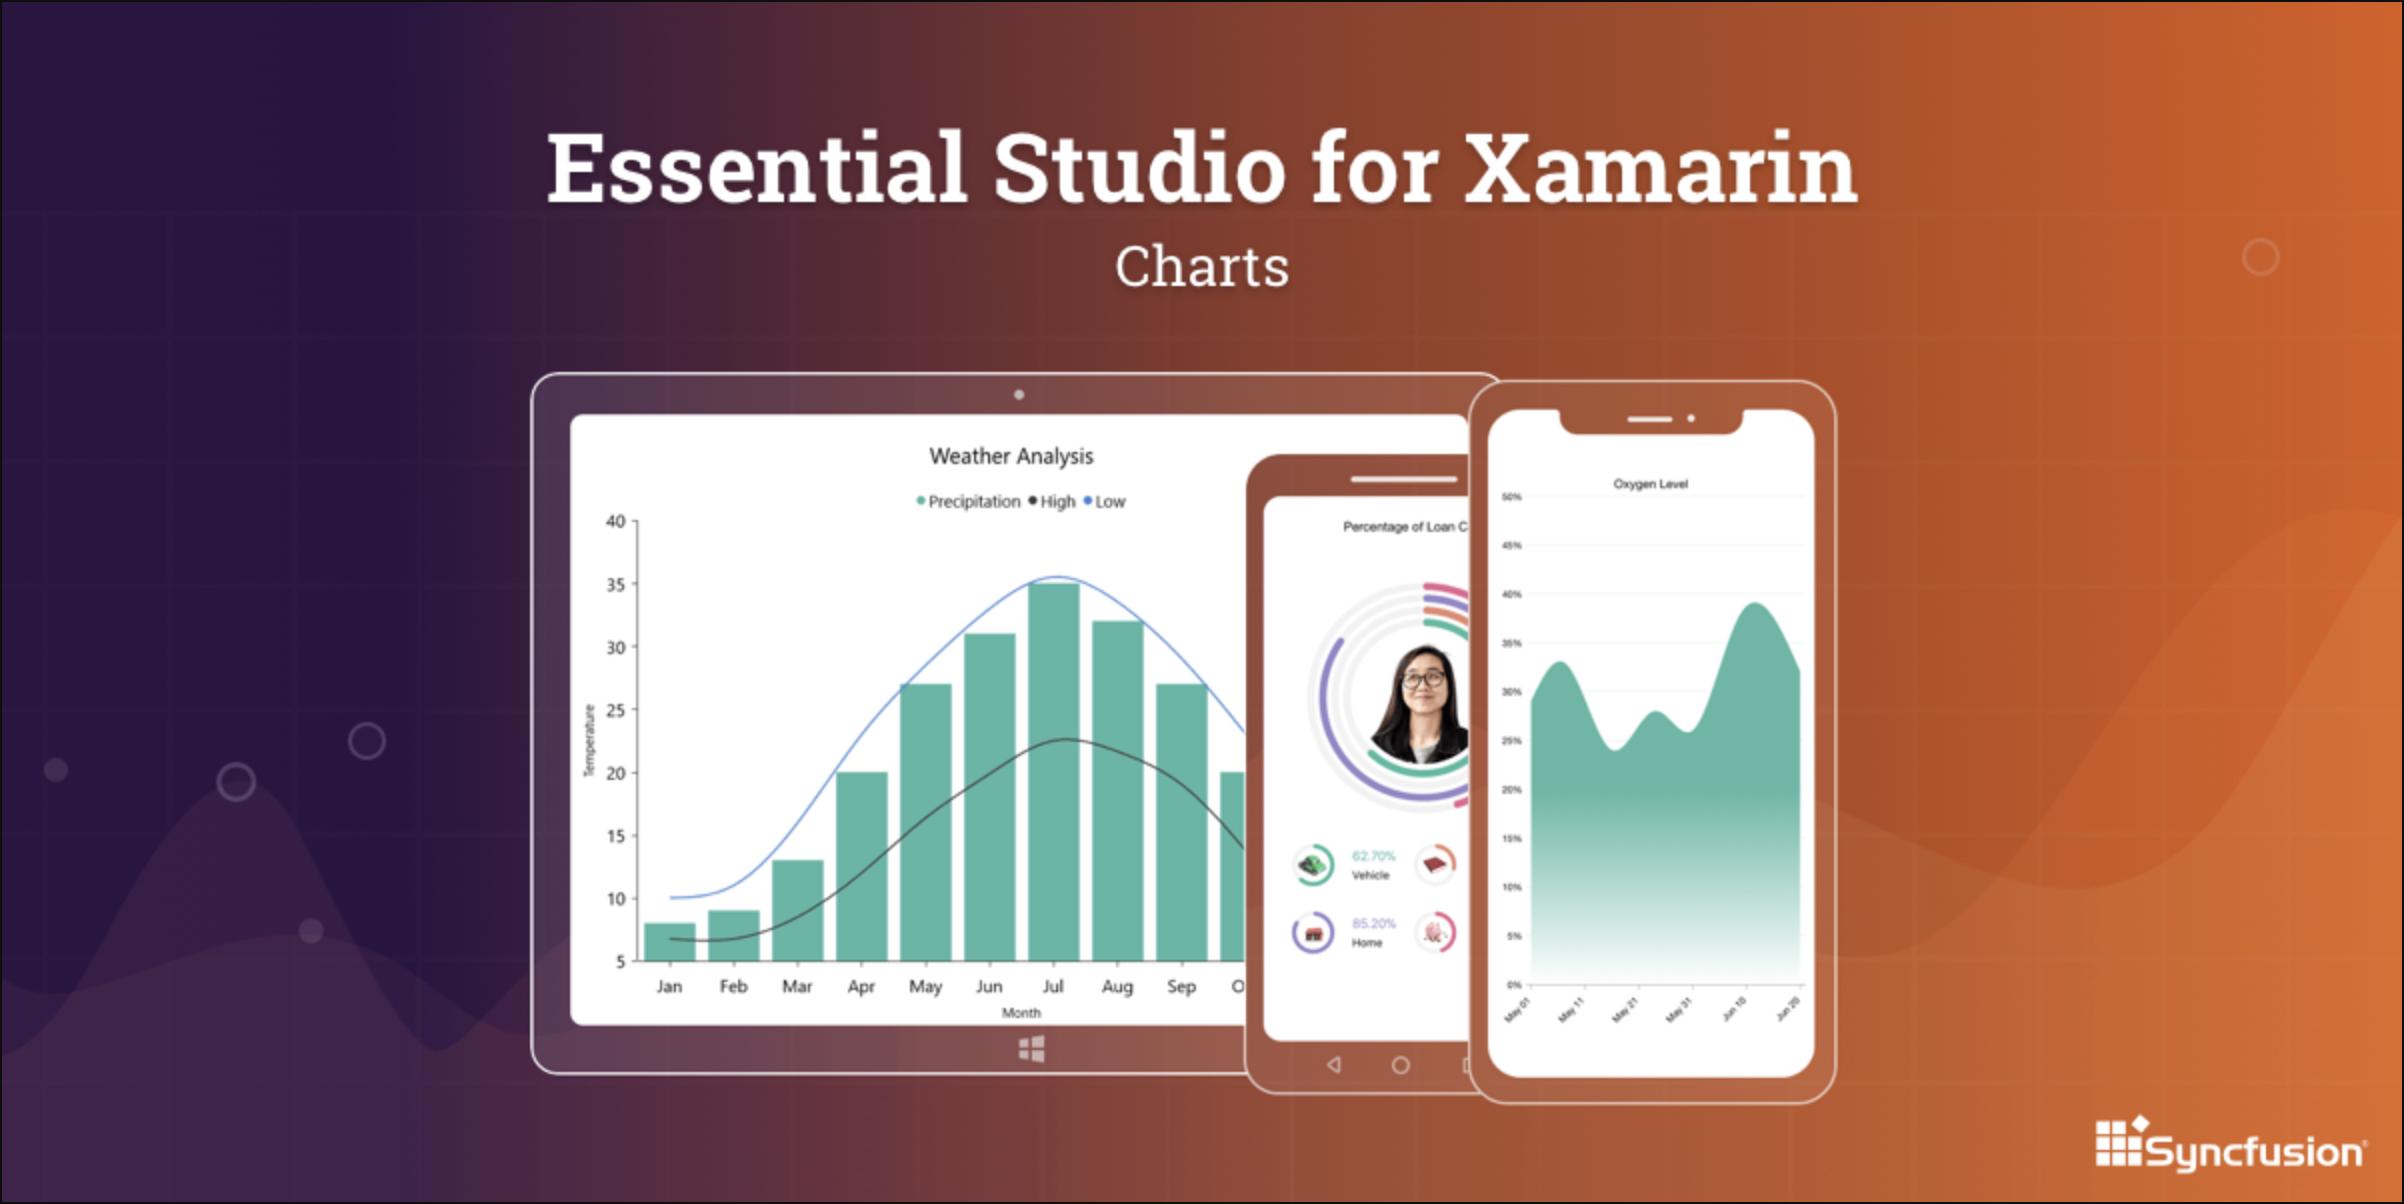 Essential Studio for Xamarin